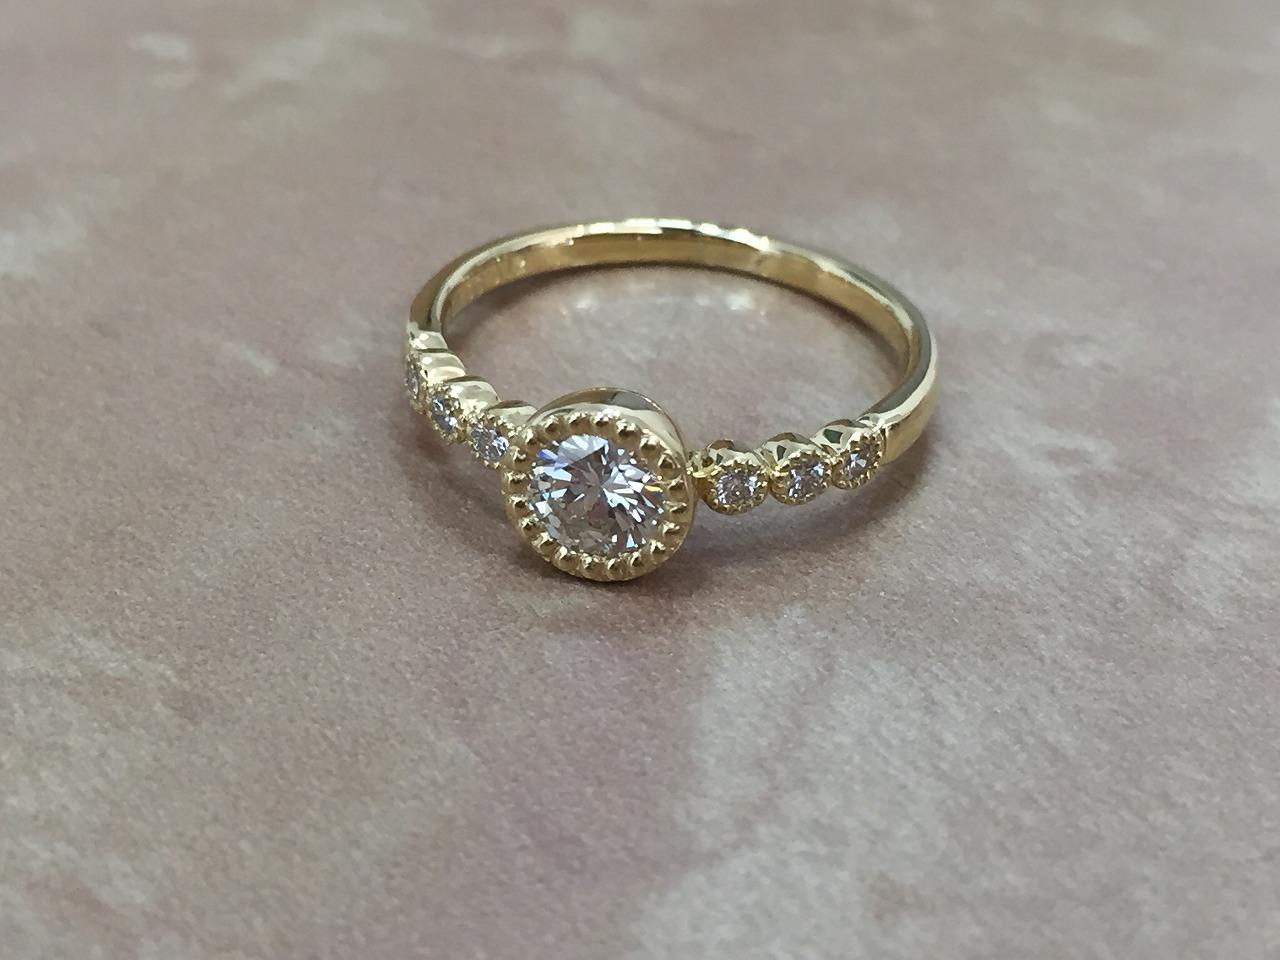 婚約指輪、シェールラブ、アンティーク調